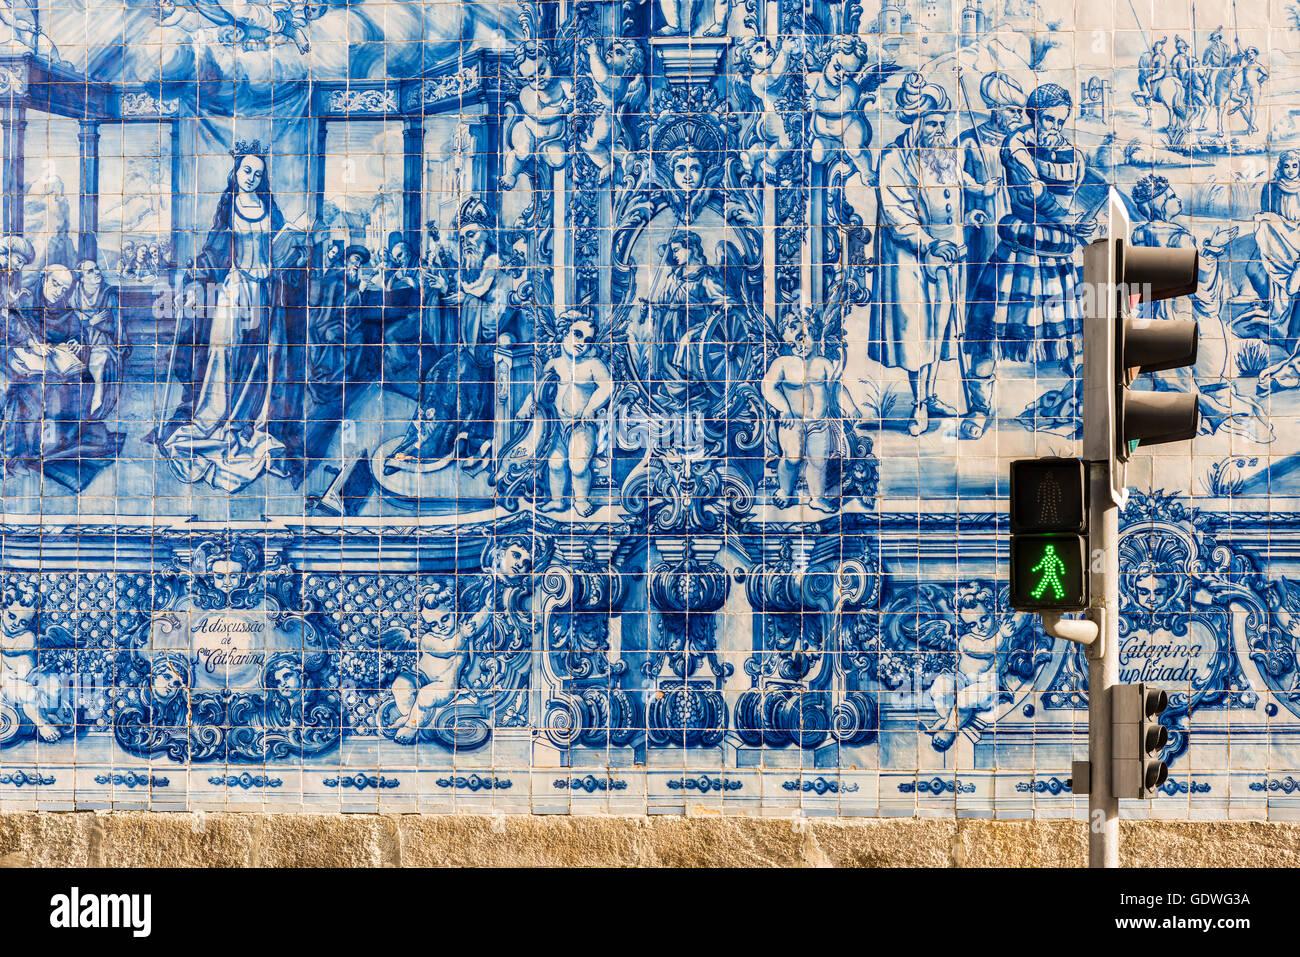 Azulejos tradizionali piastrelle dipinte a mano che copre la